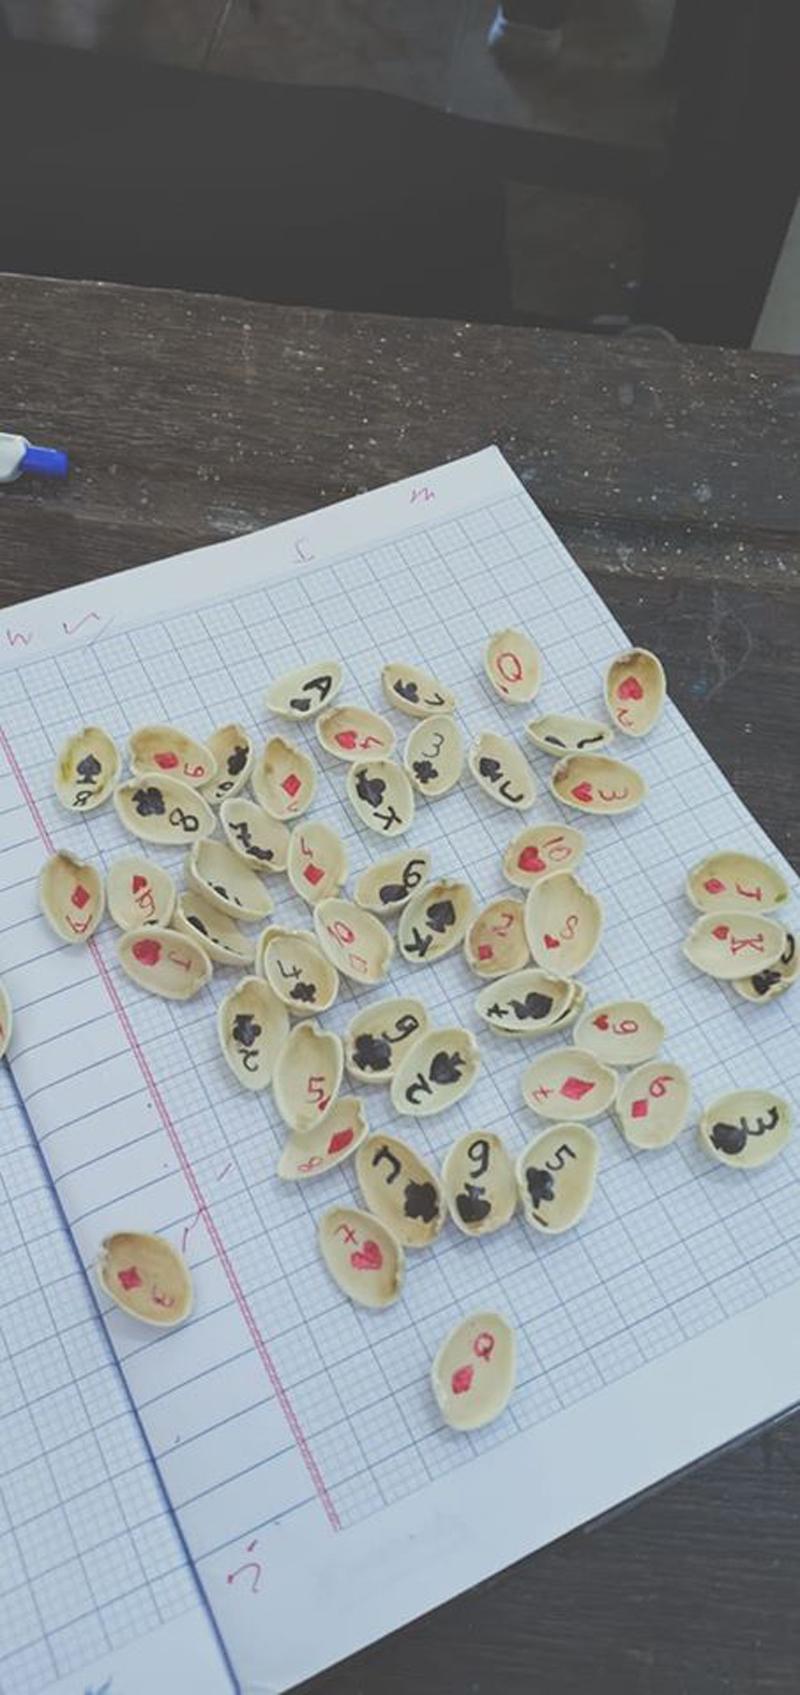 Chắc chỉ có học sinh mới nghĩ ra cách tận dụng vỏ hạt dẻ cười để làm bộ bài